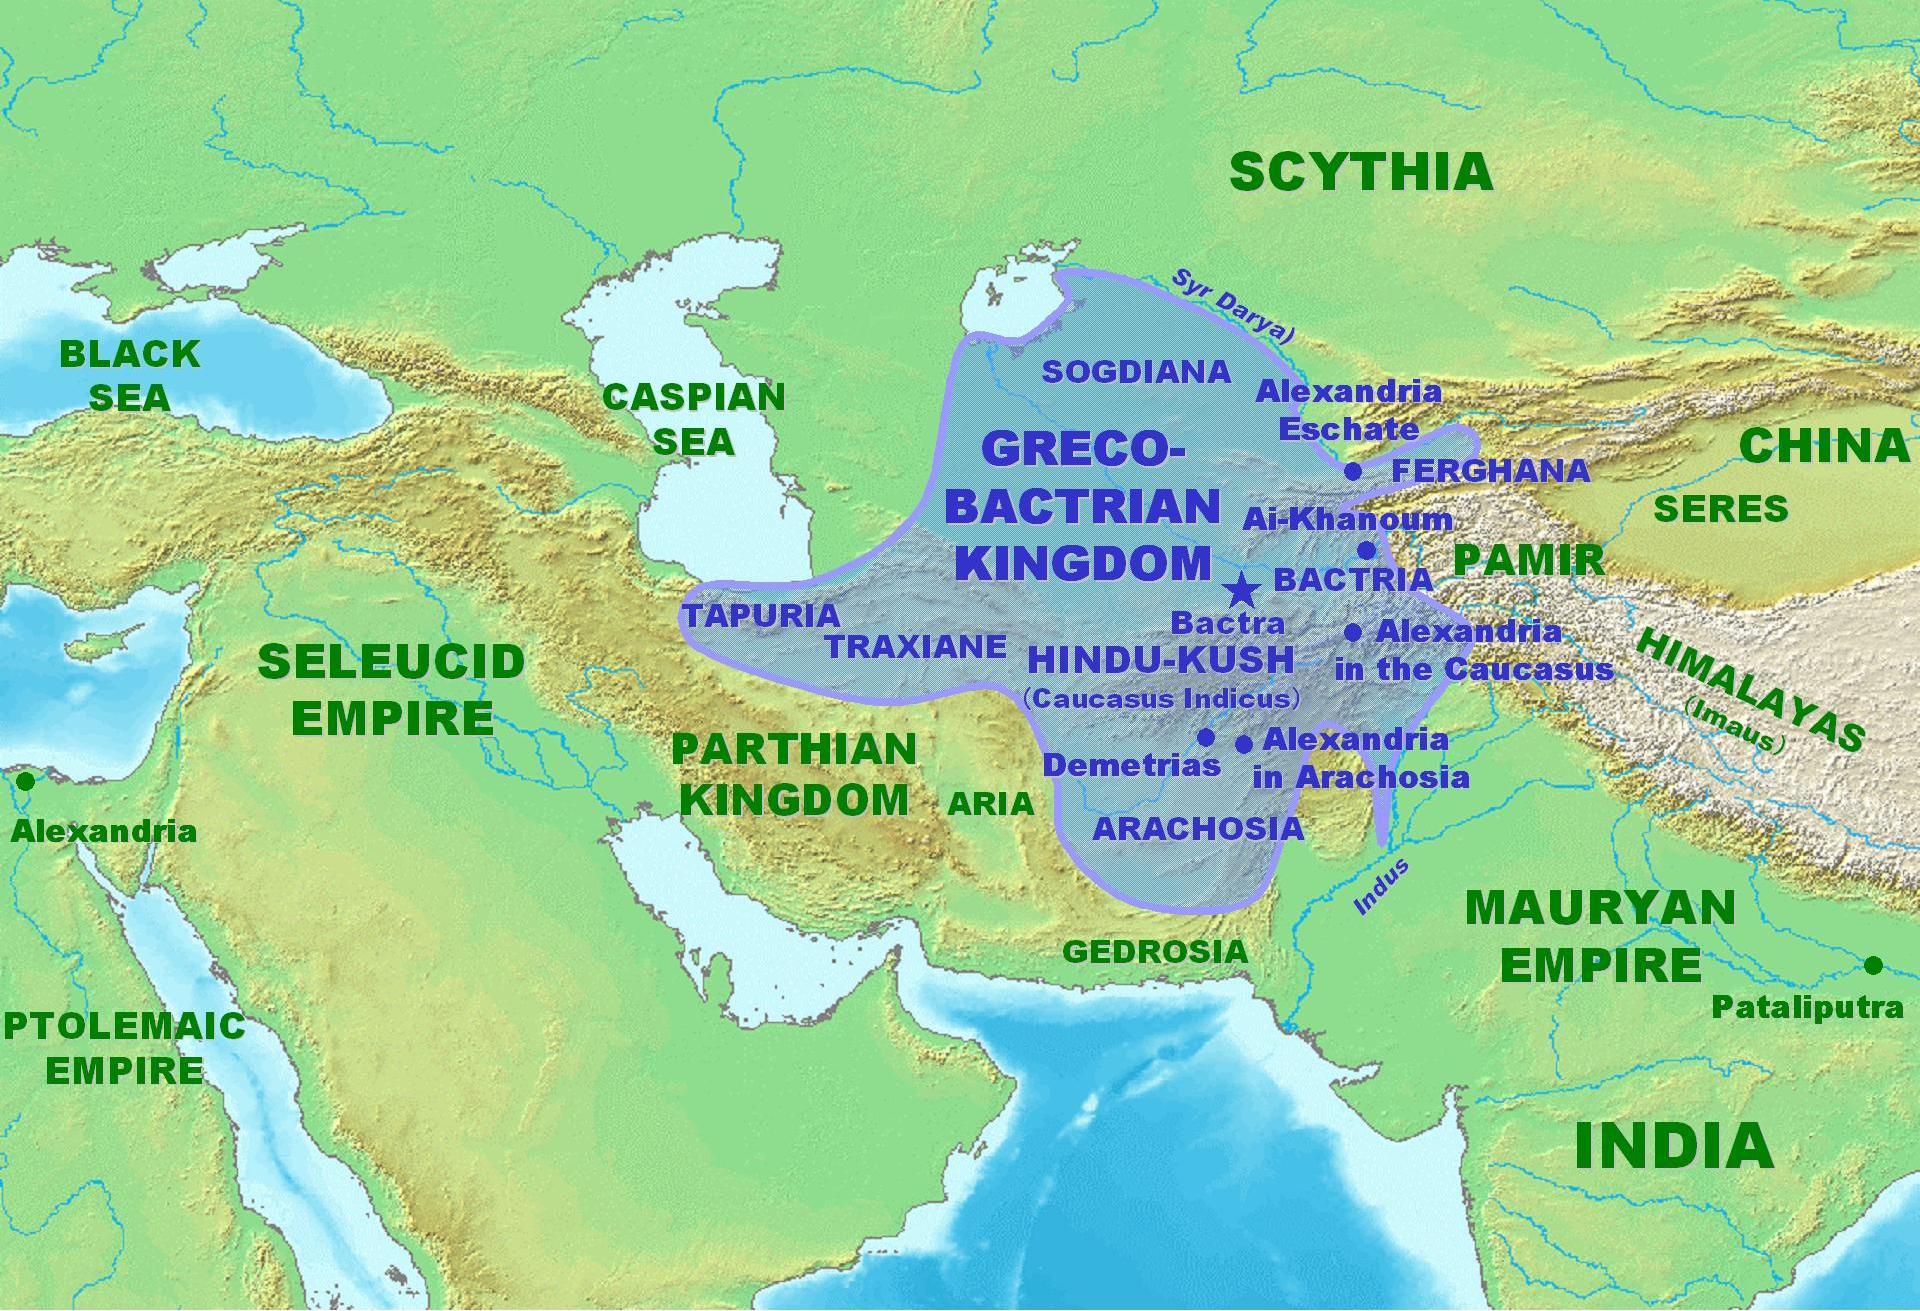 Mapa del Reino grecobactriano con ciudades como Alejandria Escate.